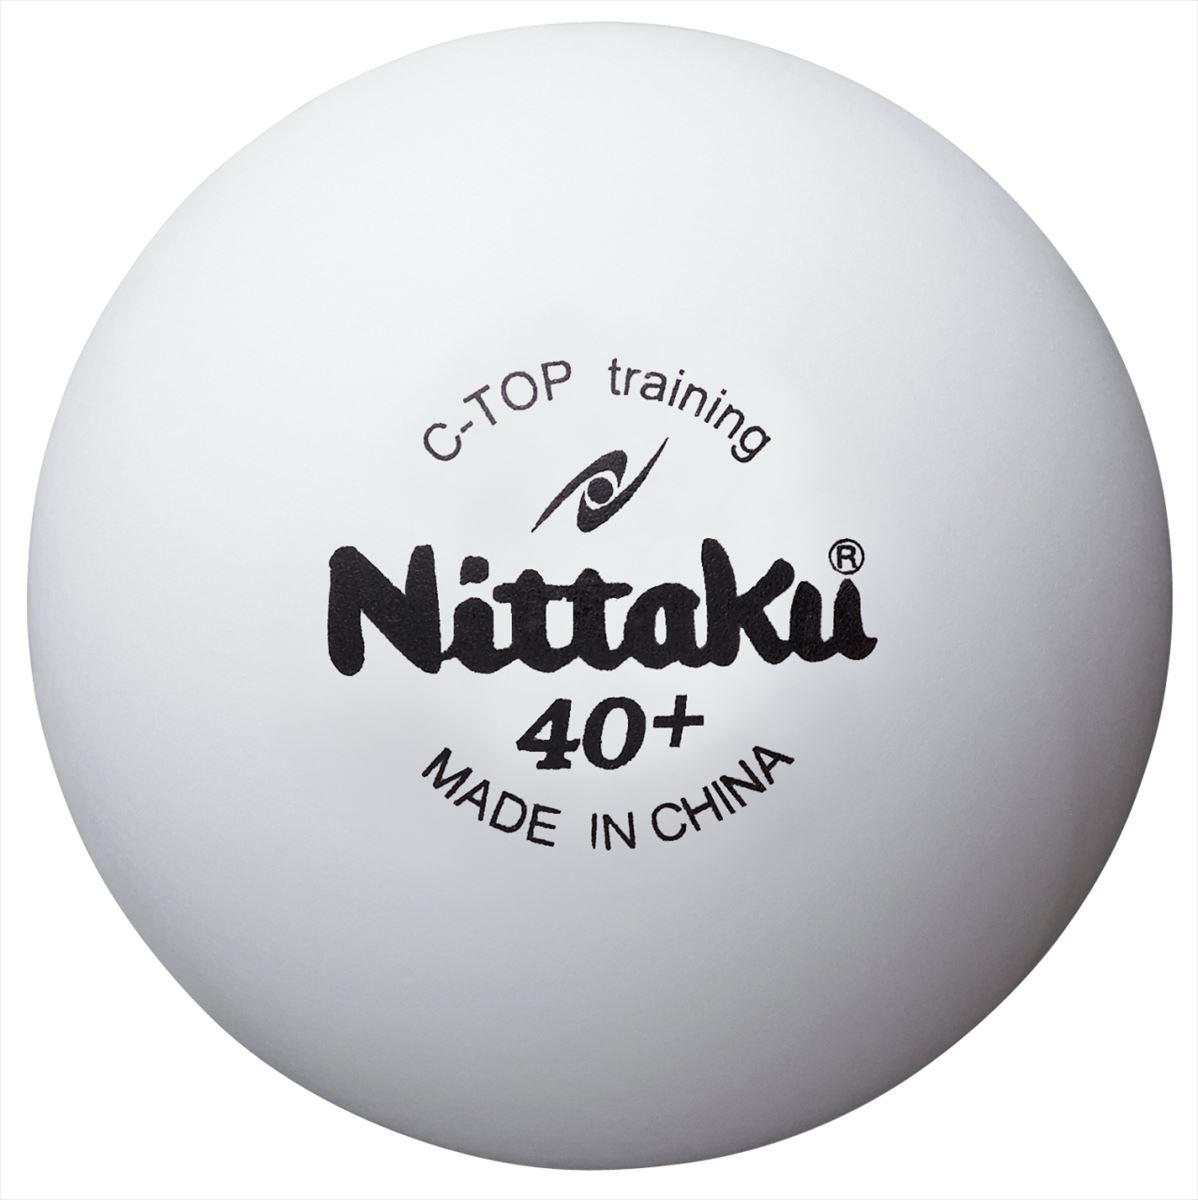 Nittaku ニッタク 日本卓球 NB-1467 卓球 ボール Cトップ トレ球/50ダース・600個入 NB-1467【ラッキーシール対応】